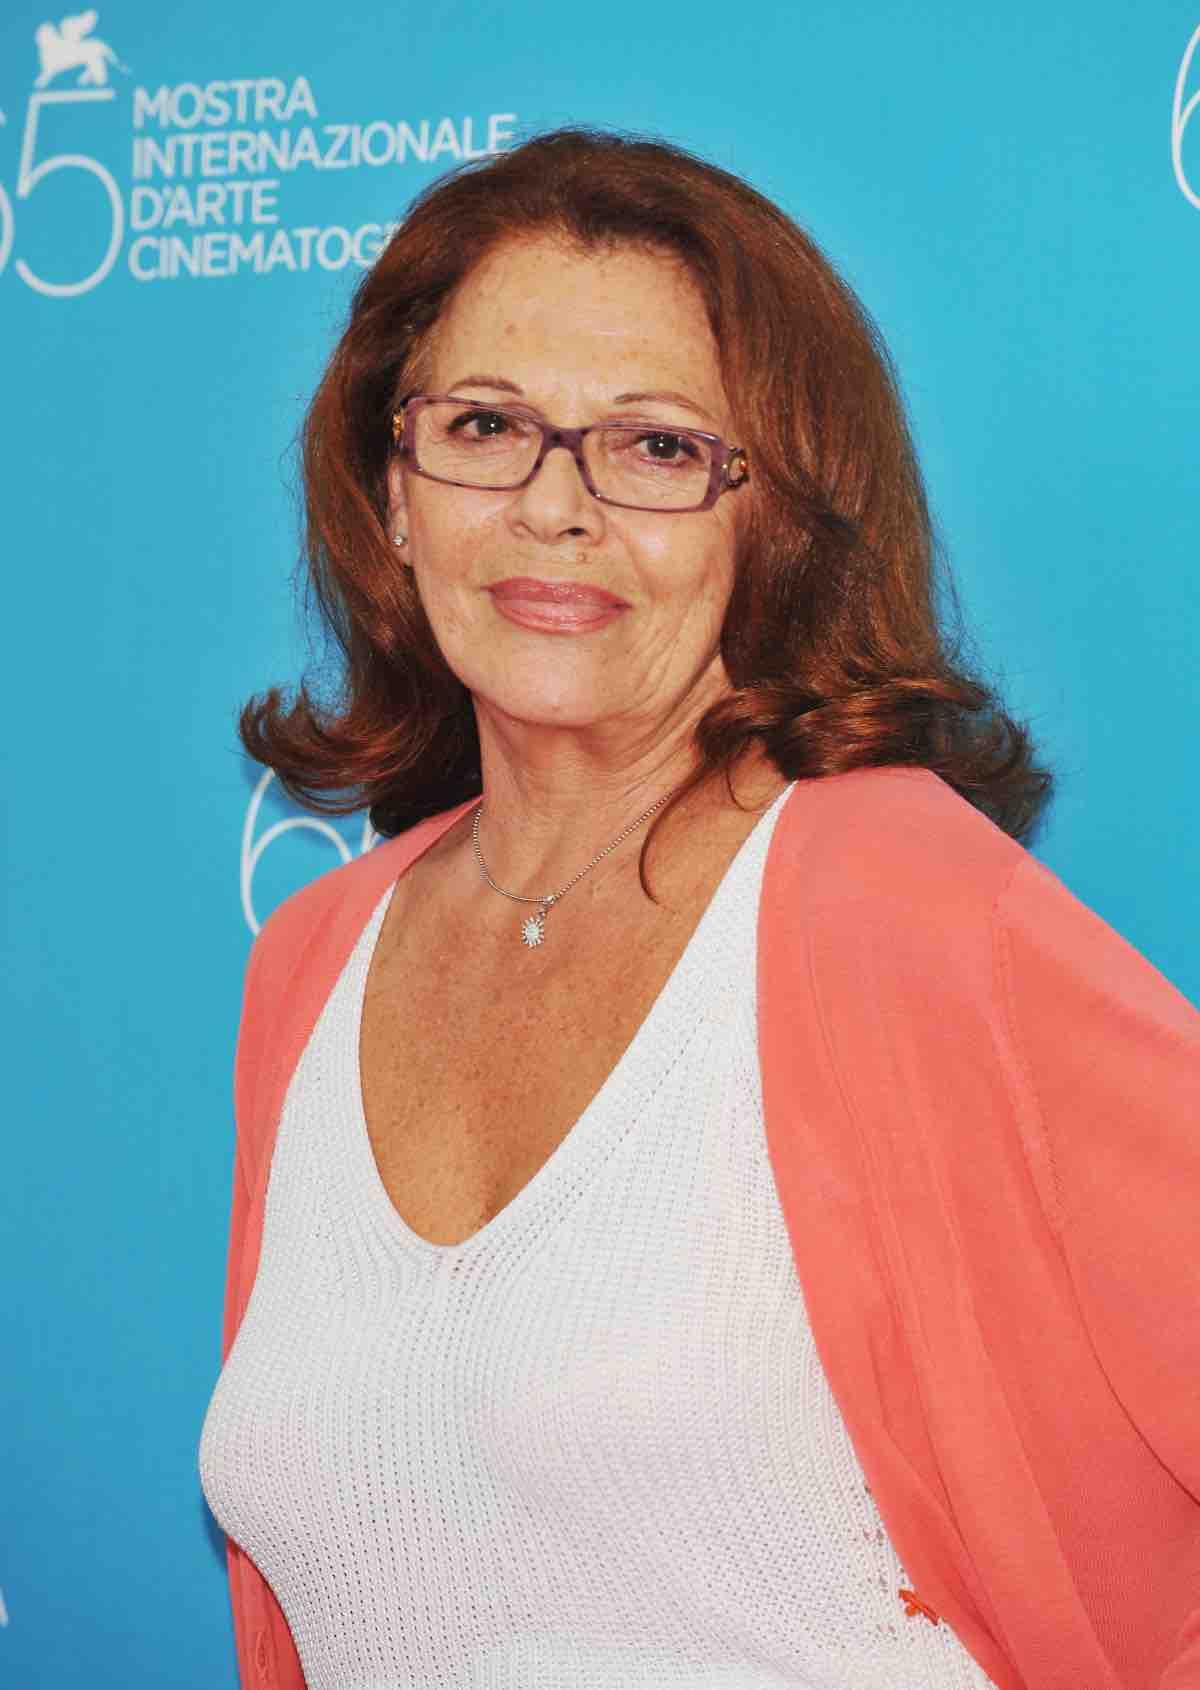 Chi è Valeria Fabrizi: curiosità, età, vita privata e carriera